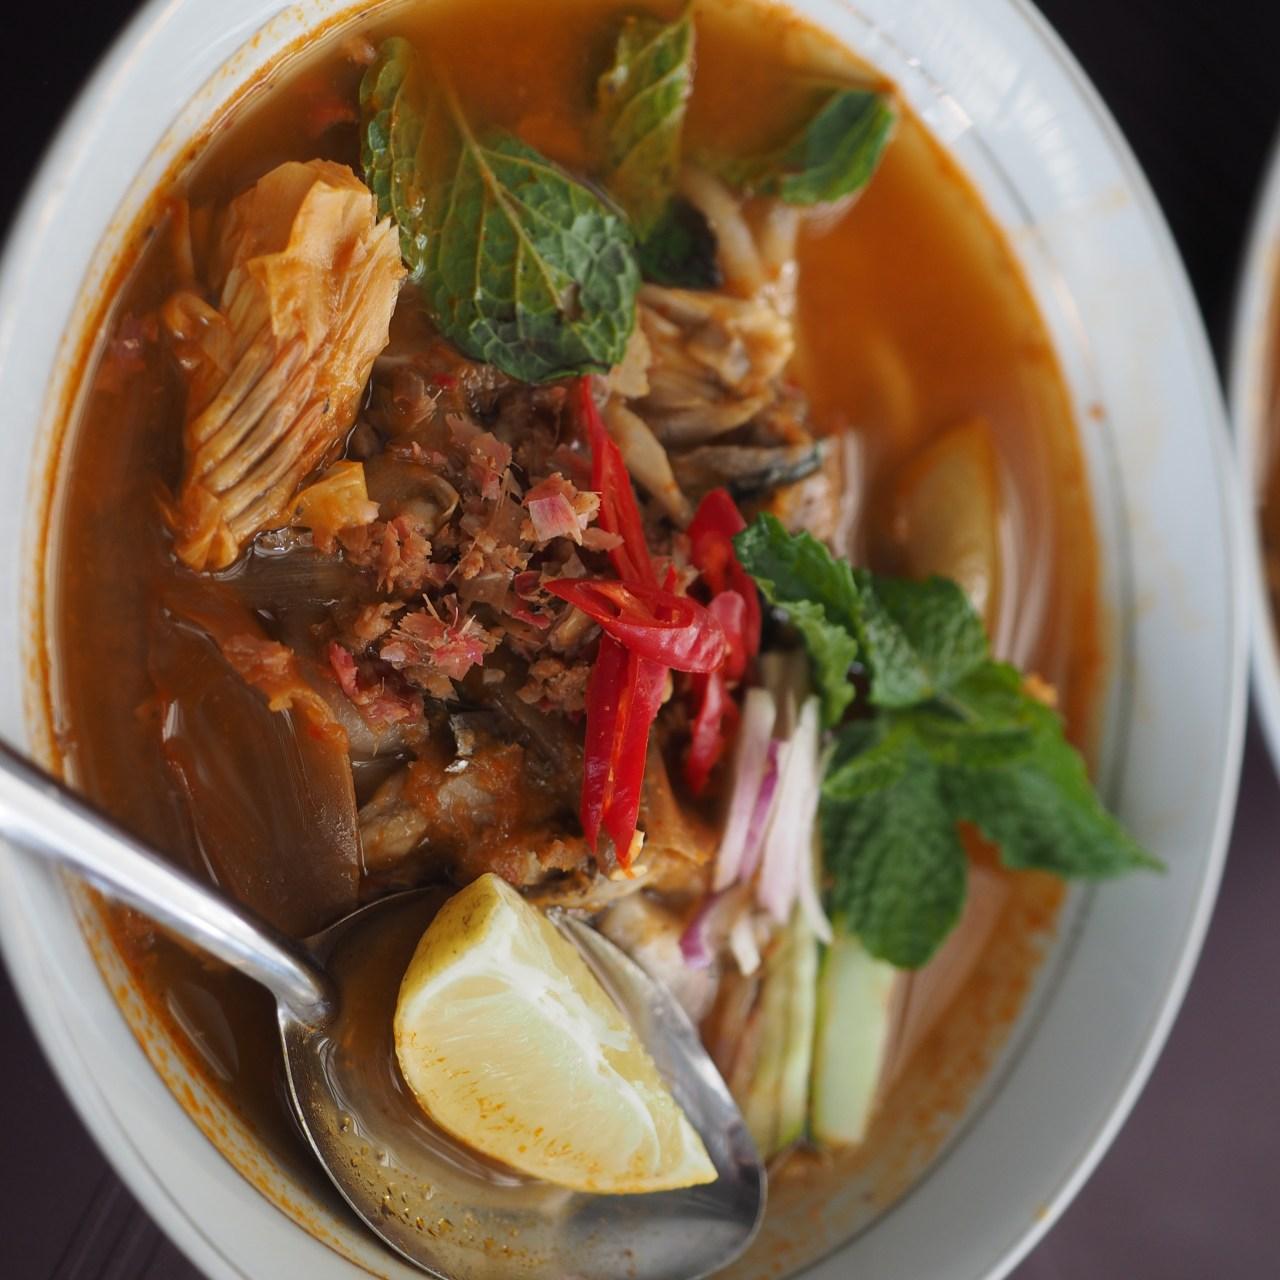 Secuil Kisah Perjalanan Kuliner MaMa di Kota Perbaungan